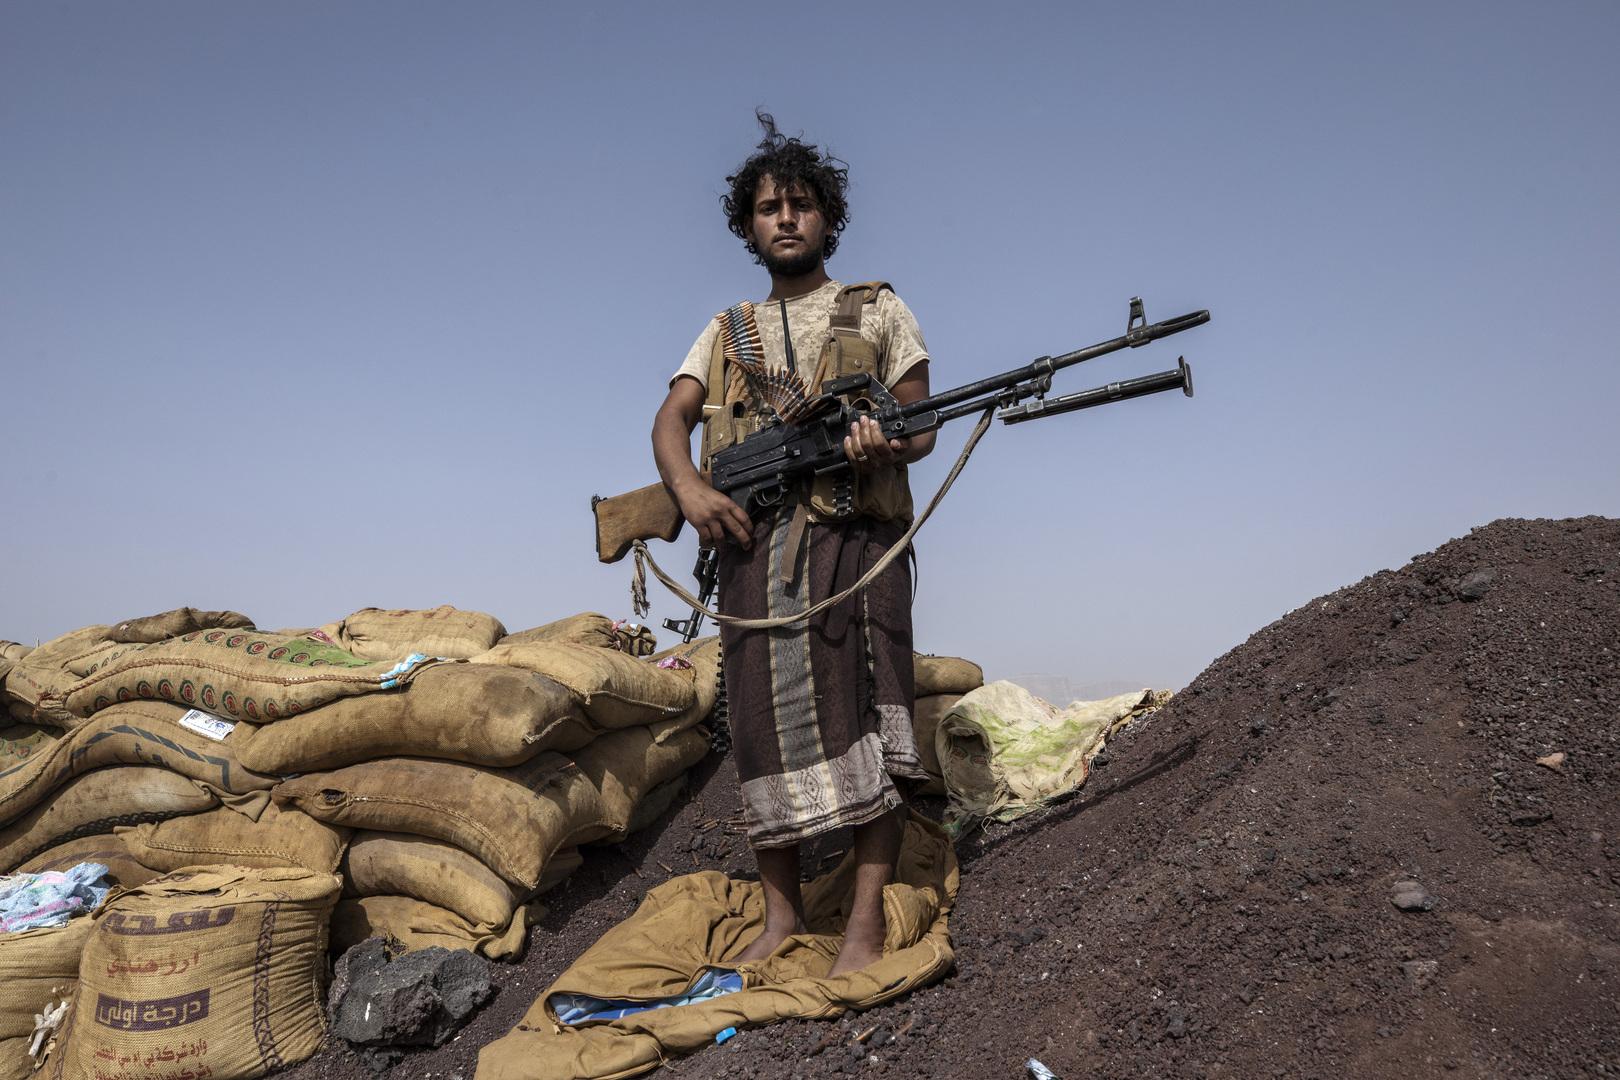 الحوثيون يعلنون سيطرتهم على عدد من المديريات في مأرب وشبوة